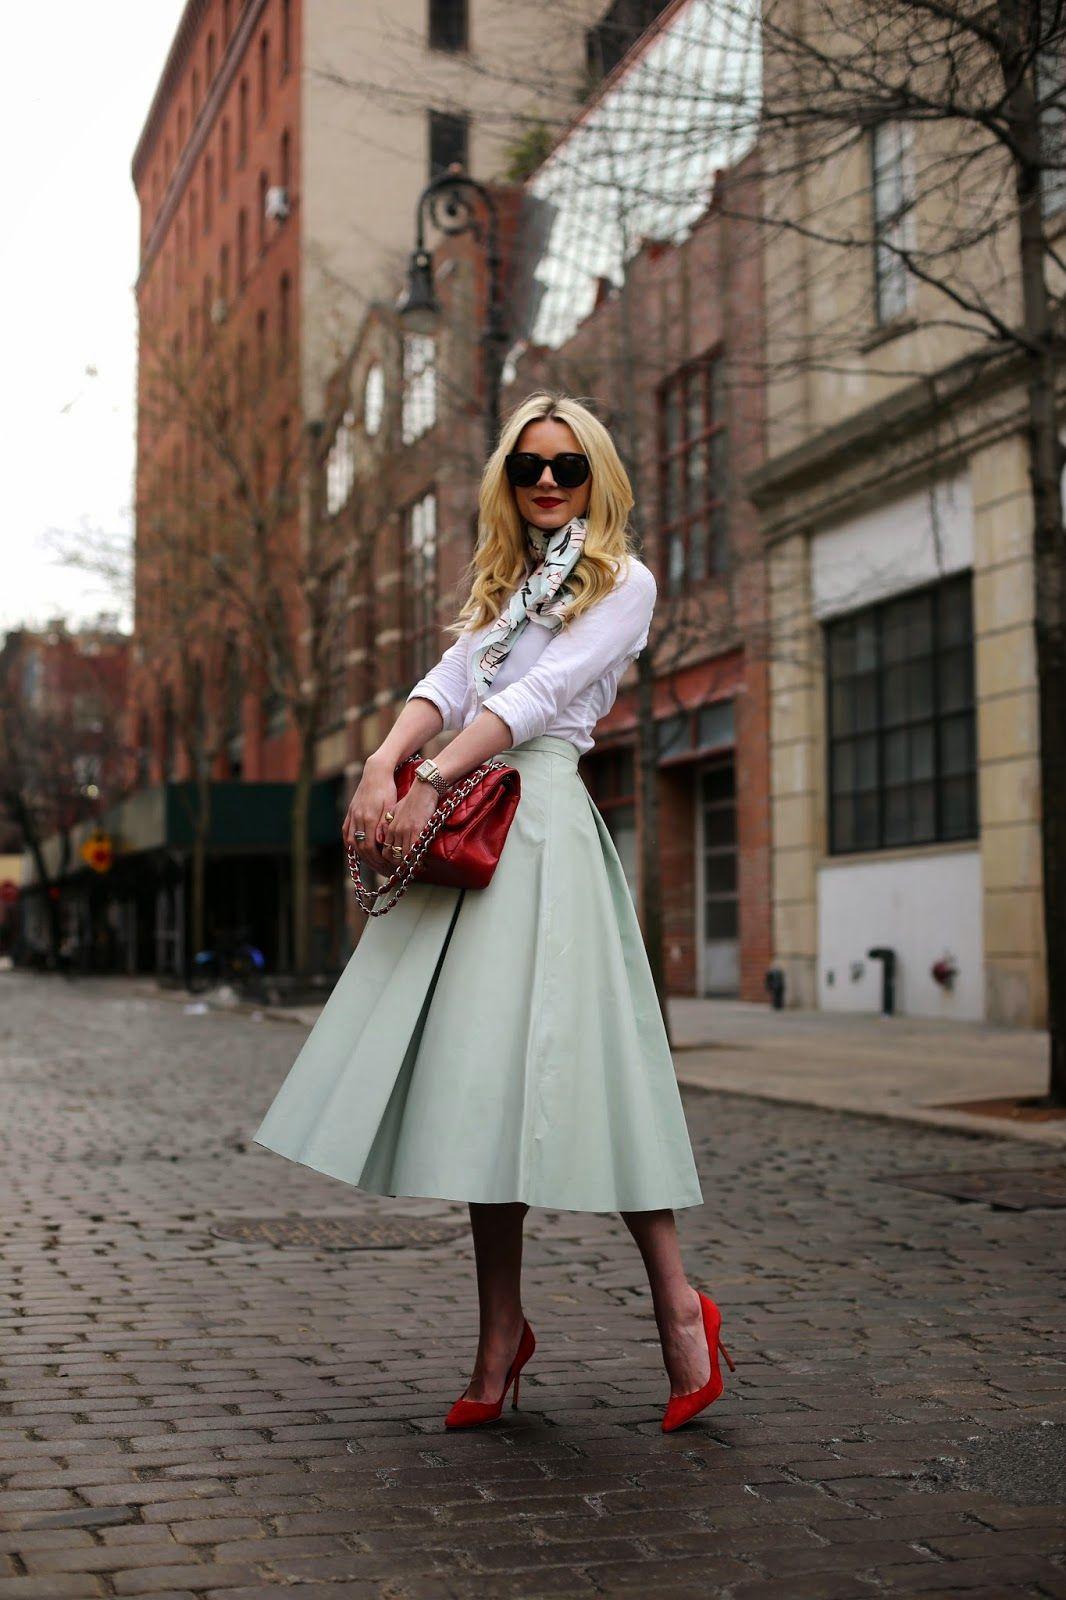 bellísima falda color menta, con zapatillas rojas, blusa blanca y perfecta combinación de mascada